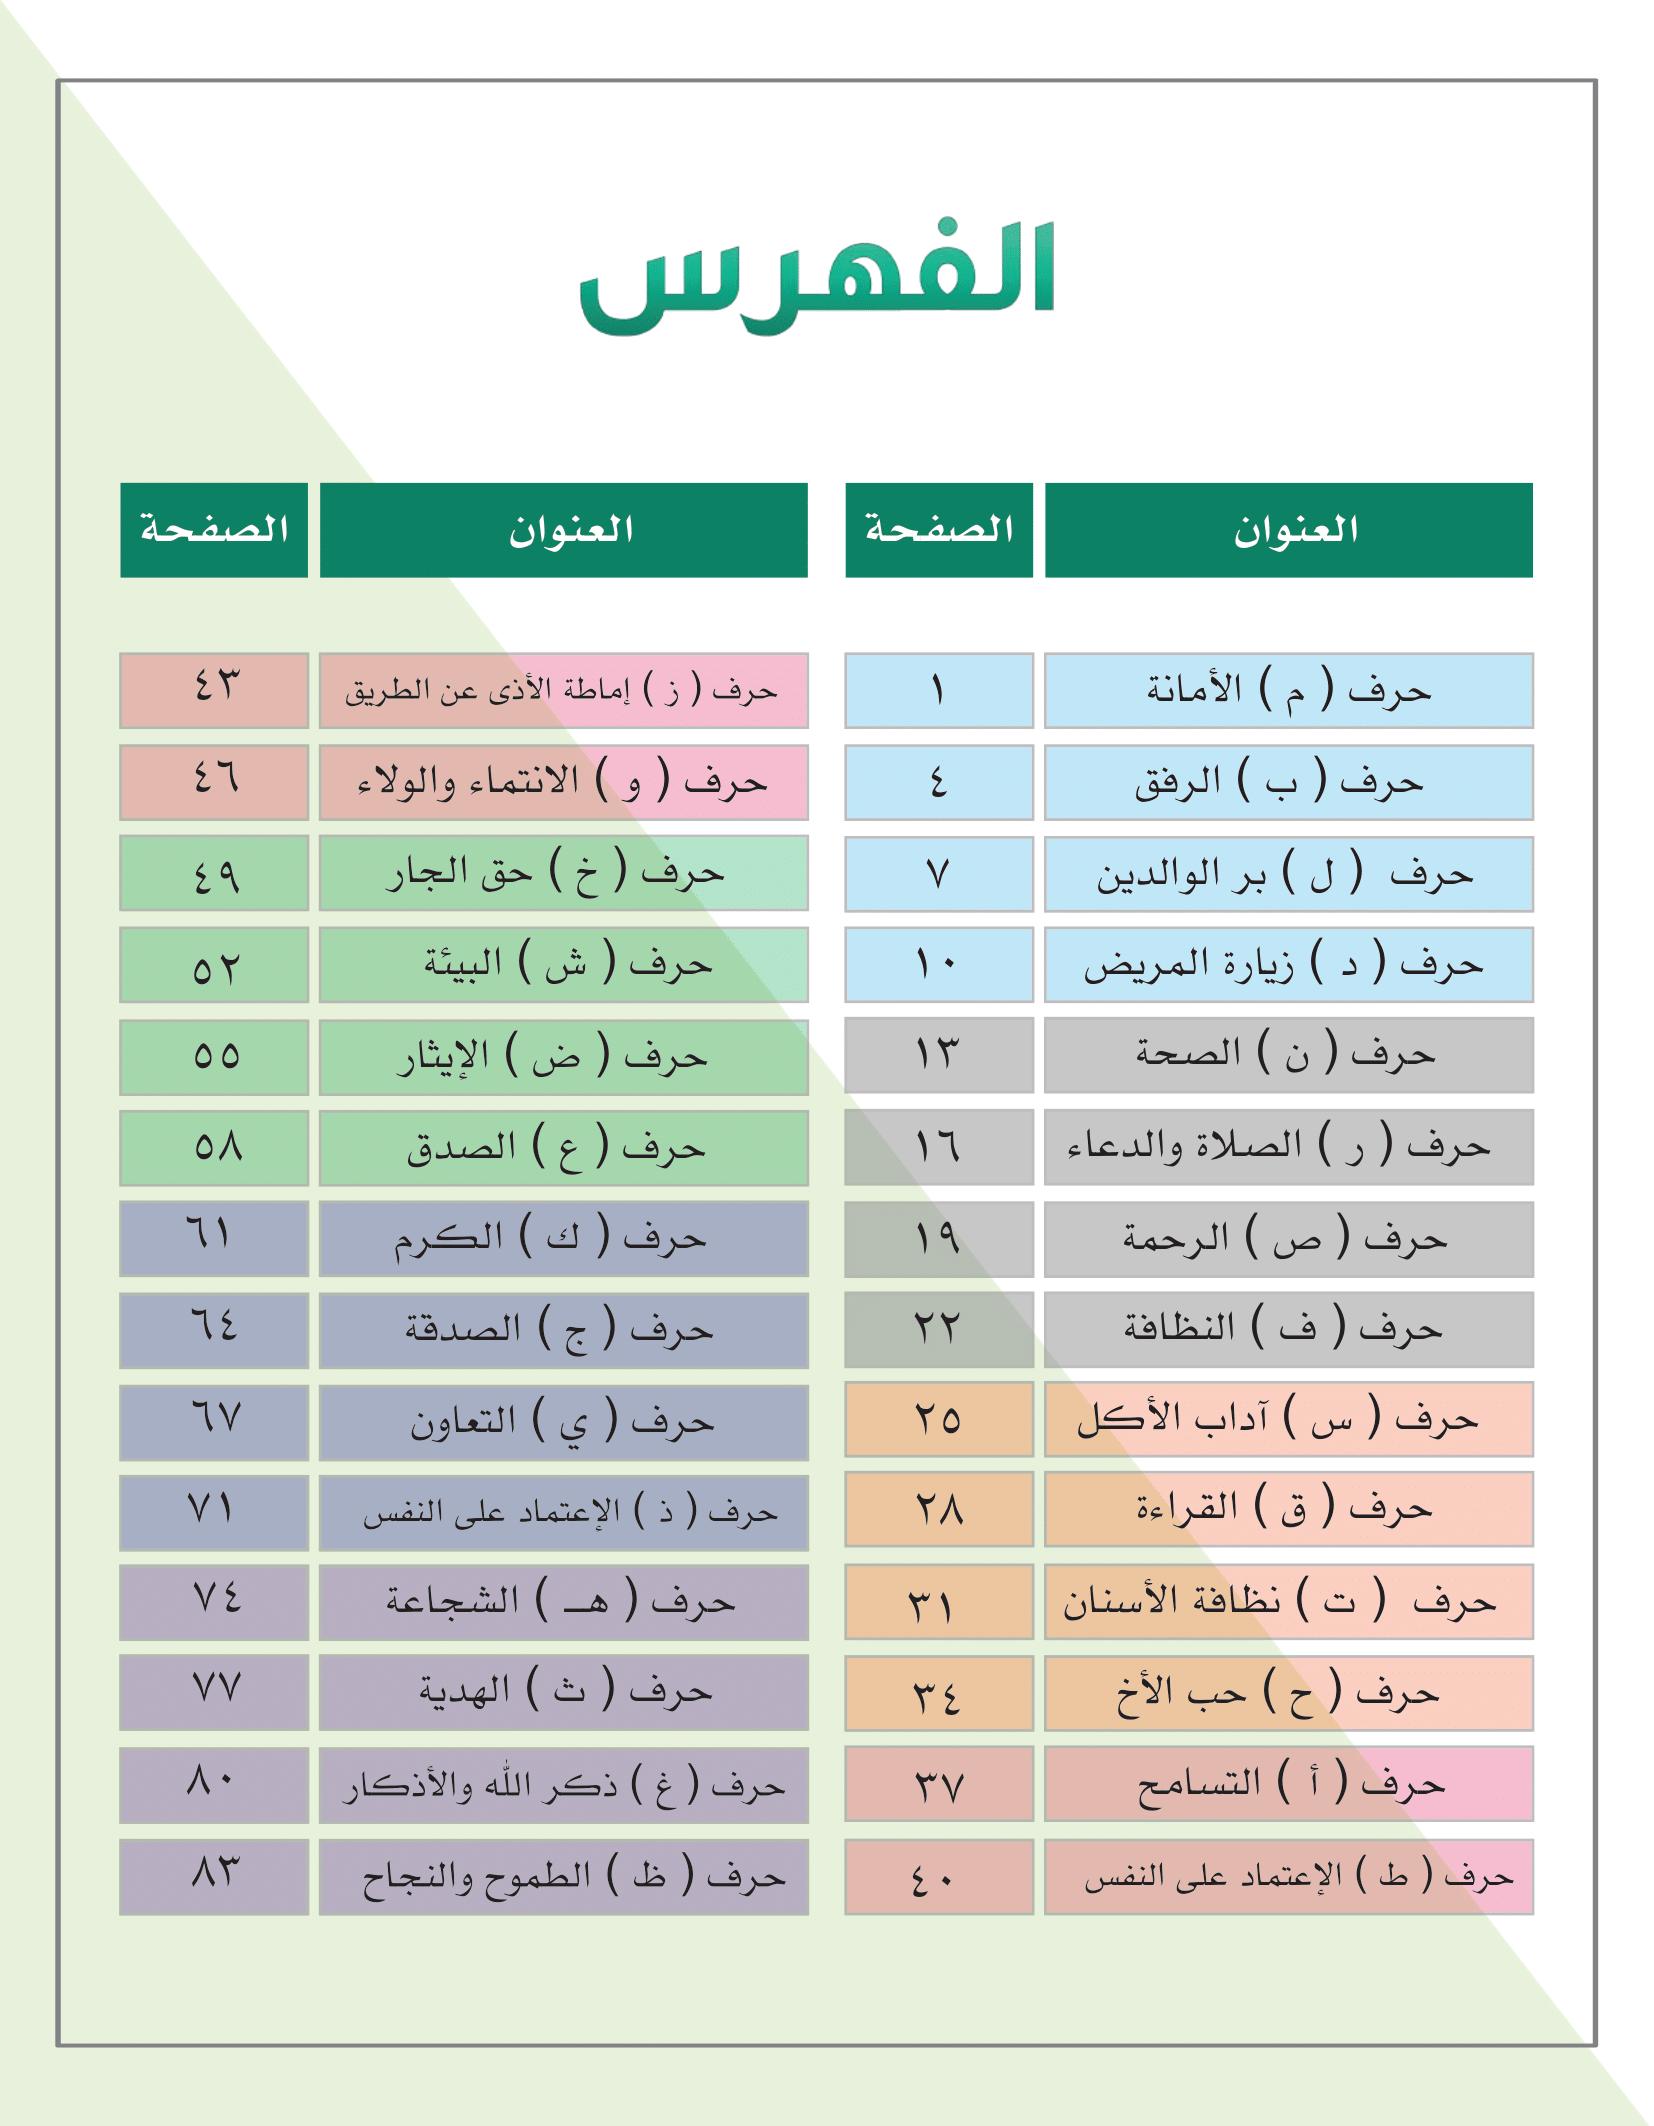 الكتاب المدعم لمادة اللغة العربية